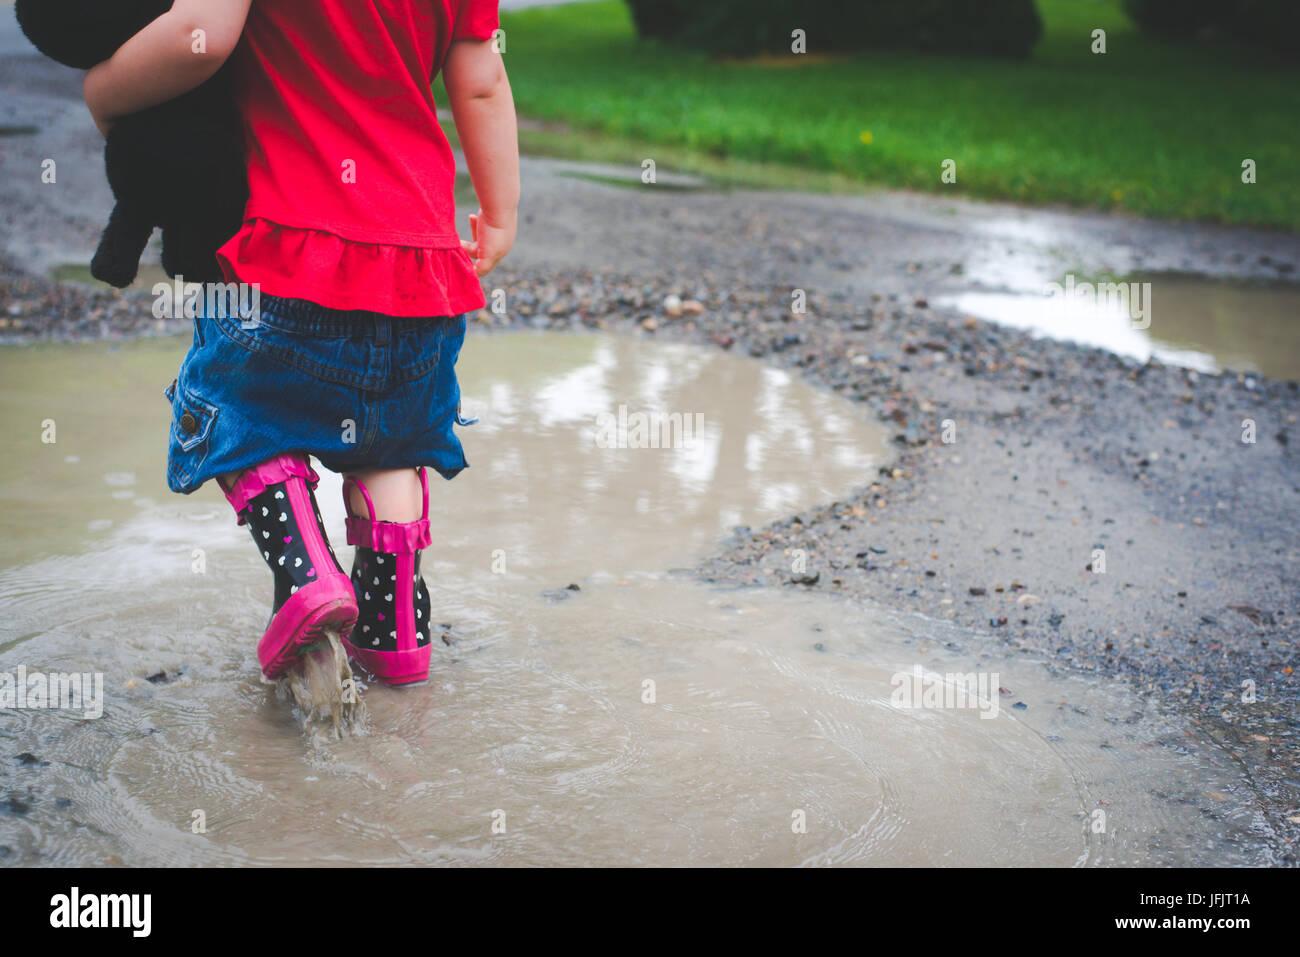 Une jeune fille marche dans une flaque de boue avec des bottes de pluie à porter du rouge et tenant un petit Photo Stock